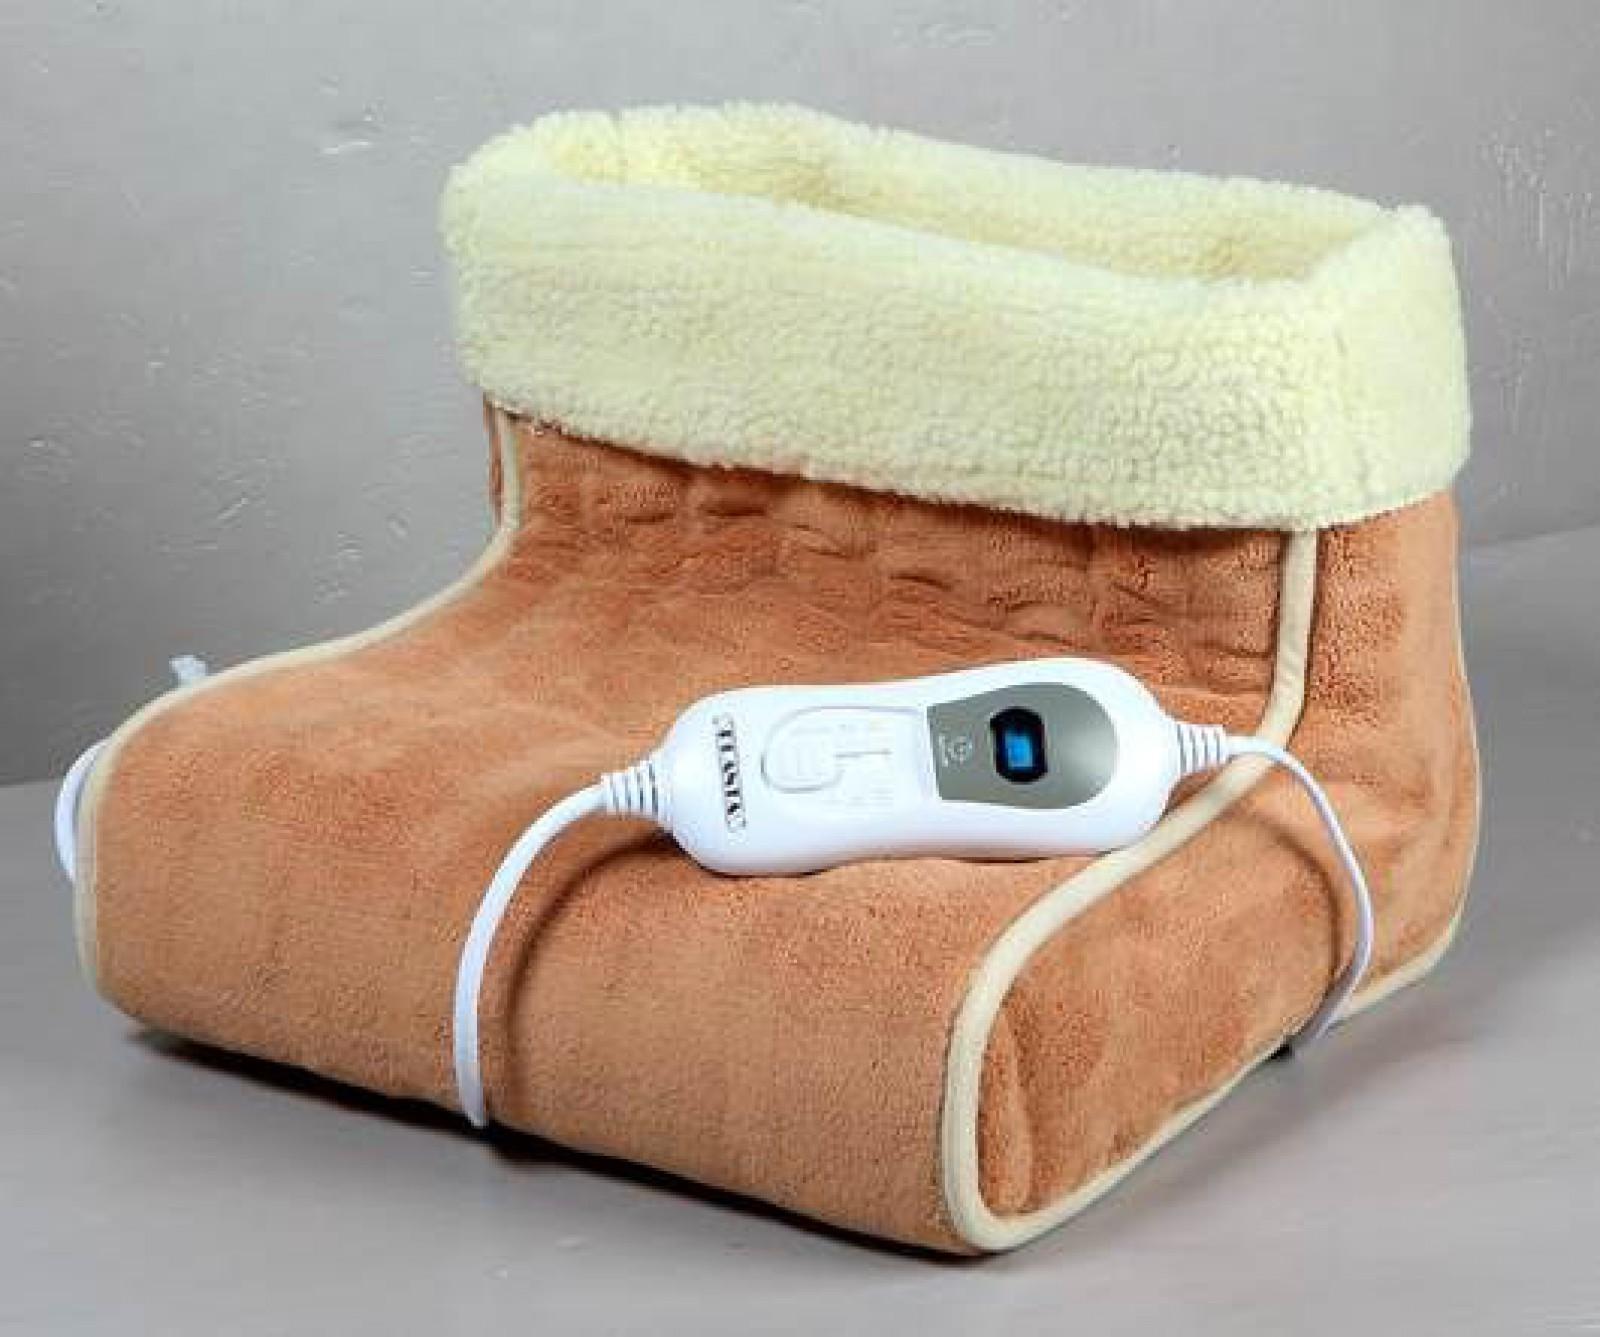 Elektromos lábmelegítő - Vivamax gyvh22 Gyógyászati termékek Webáruháza cdc6f7c628